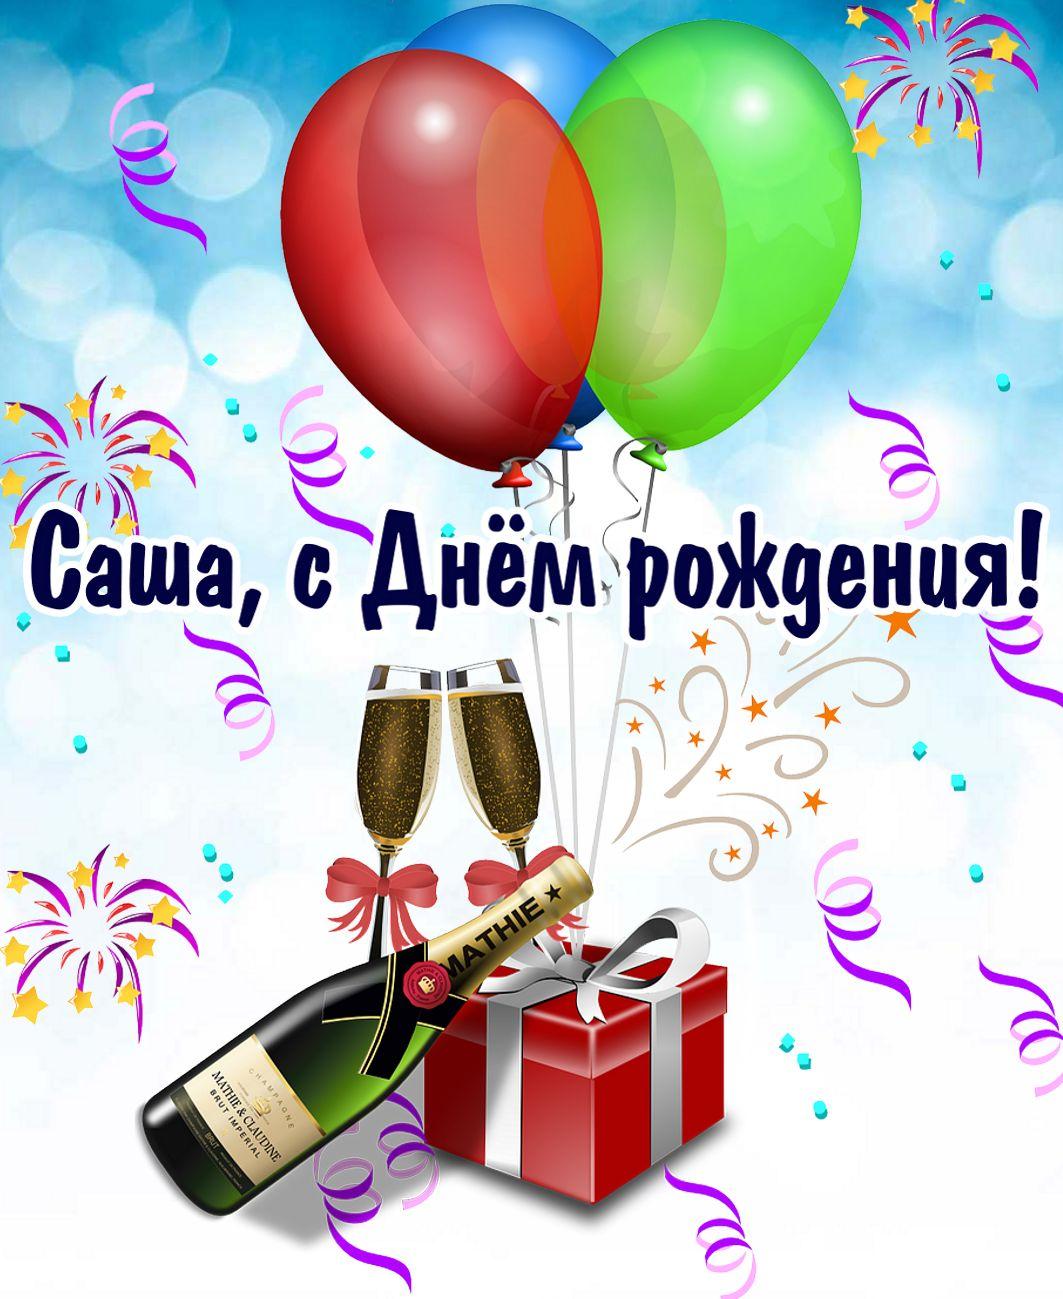 https://kartinki-life.ru/articles/2018/09/26/krasivye-otkrytki-kartinki-s-dnjom-rozhdeniya-aleksandru-muzhchine-unoshe-malchiku-aleksandr-chast-1-9.jpg